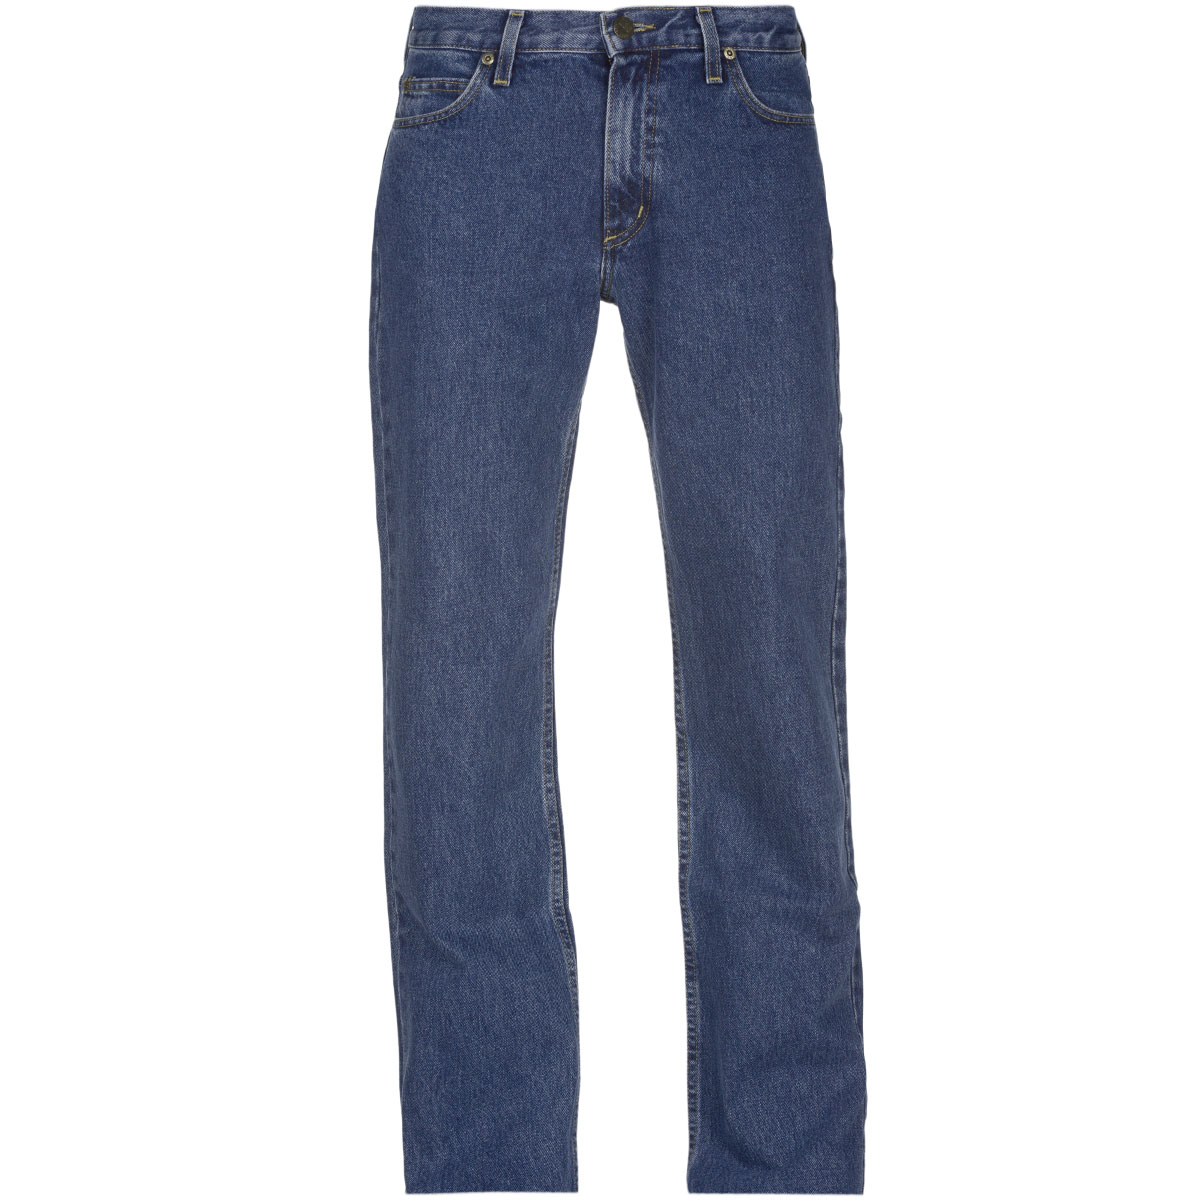 Джинсы мужские Lee Brooklyn Comfort, цвет: синий. L8124446. Размер 38-34 (54-34)L8124446Стильные мужские джинсы Lee Brooklyn Comfort - джинсы высочайшего качества на каждый день, которые прекрасно сидят. Модель прямого кроя и средней посадки изготовлены из высококачественного материала, не сковывают движения. Застегиваются джинсы на пуговицу и ширинку на застежке-молнии, имеются шлевки для ремня. Спереди модель оформлены двумя втачными карманами и одним небольшим секретным кармашком, а сзади - двумя накладными карманами.Эти модные и в тоже время комфортные джинсы послужат отличным дополнением к вашему гардеробу. В них вы всегда будете чувствовать себя уютно и комфортно.